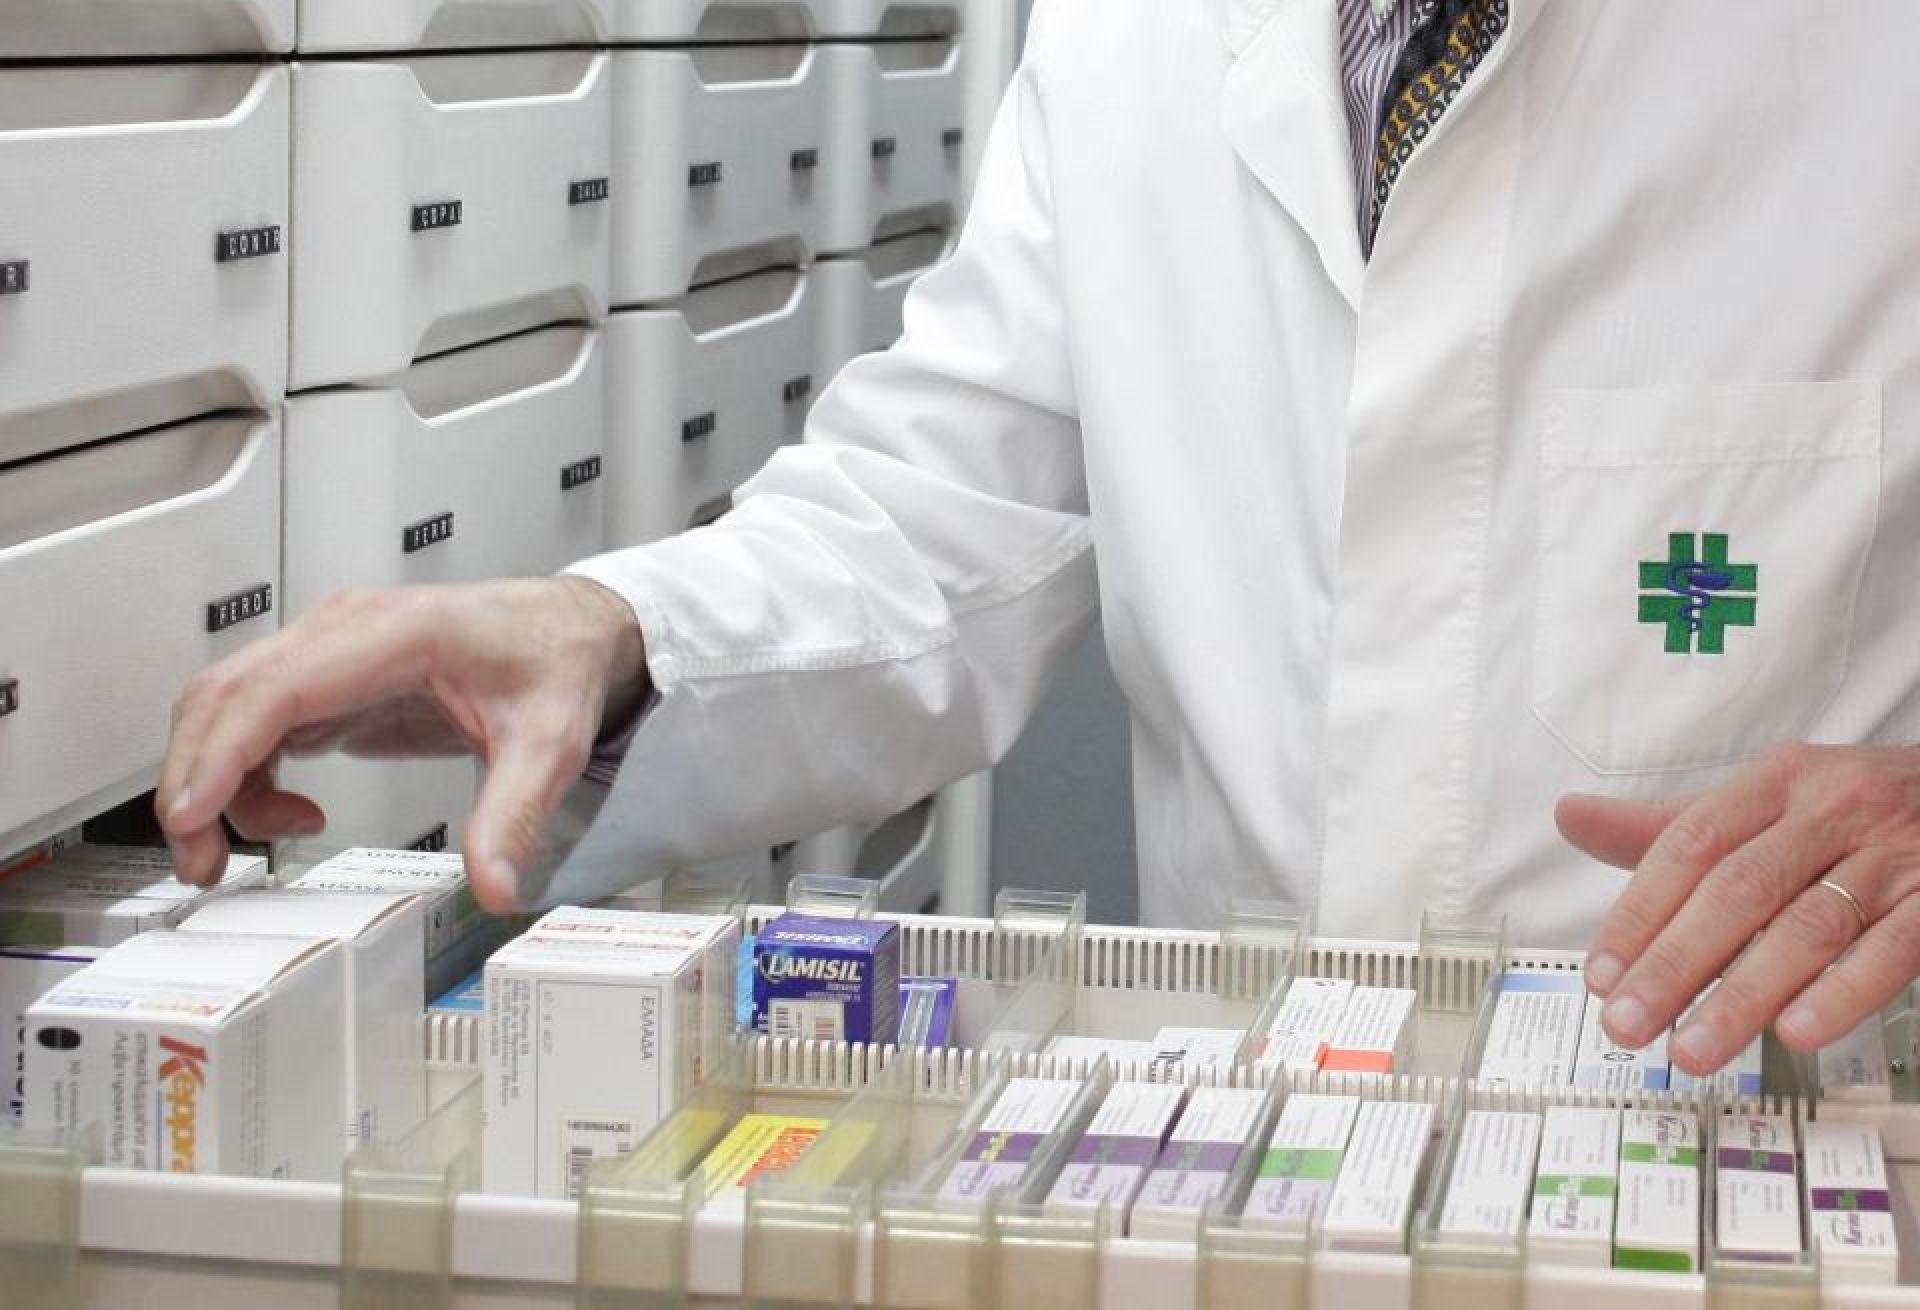 Υποχρεωτικός εμβολιασμός φαρμακοποιοί : Δημοσιεύτηκε το ΦΕΚ – Τα πρόστιμα